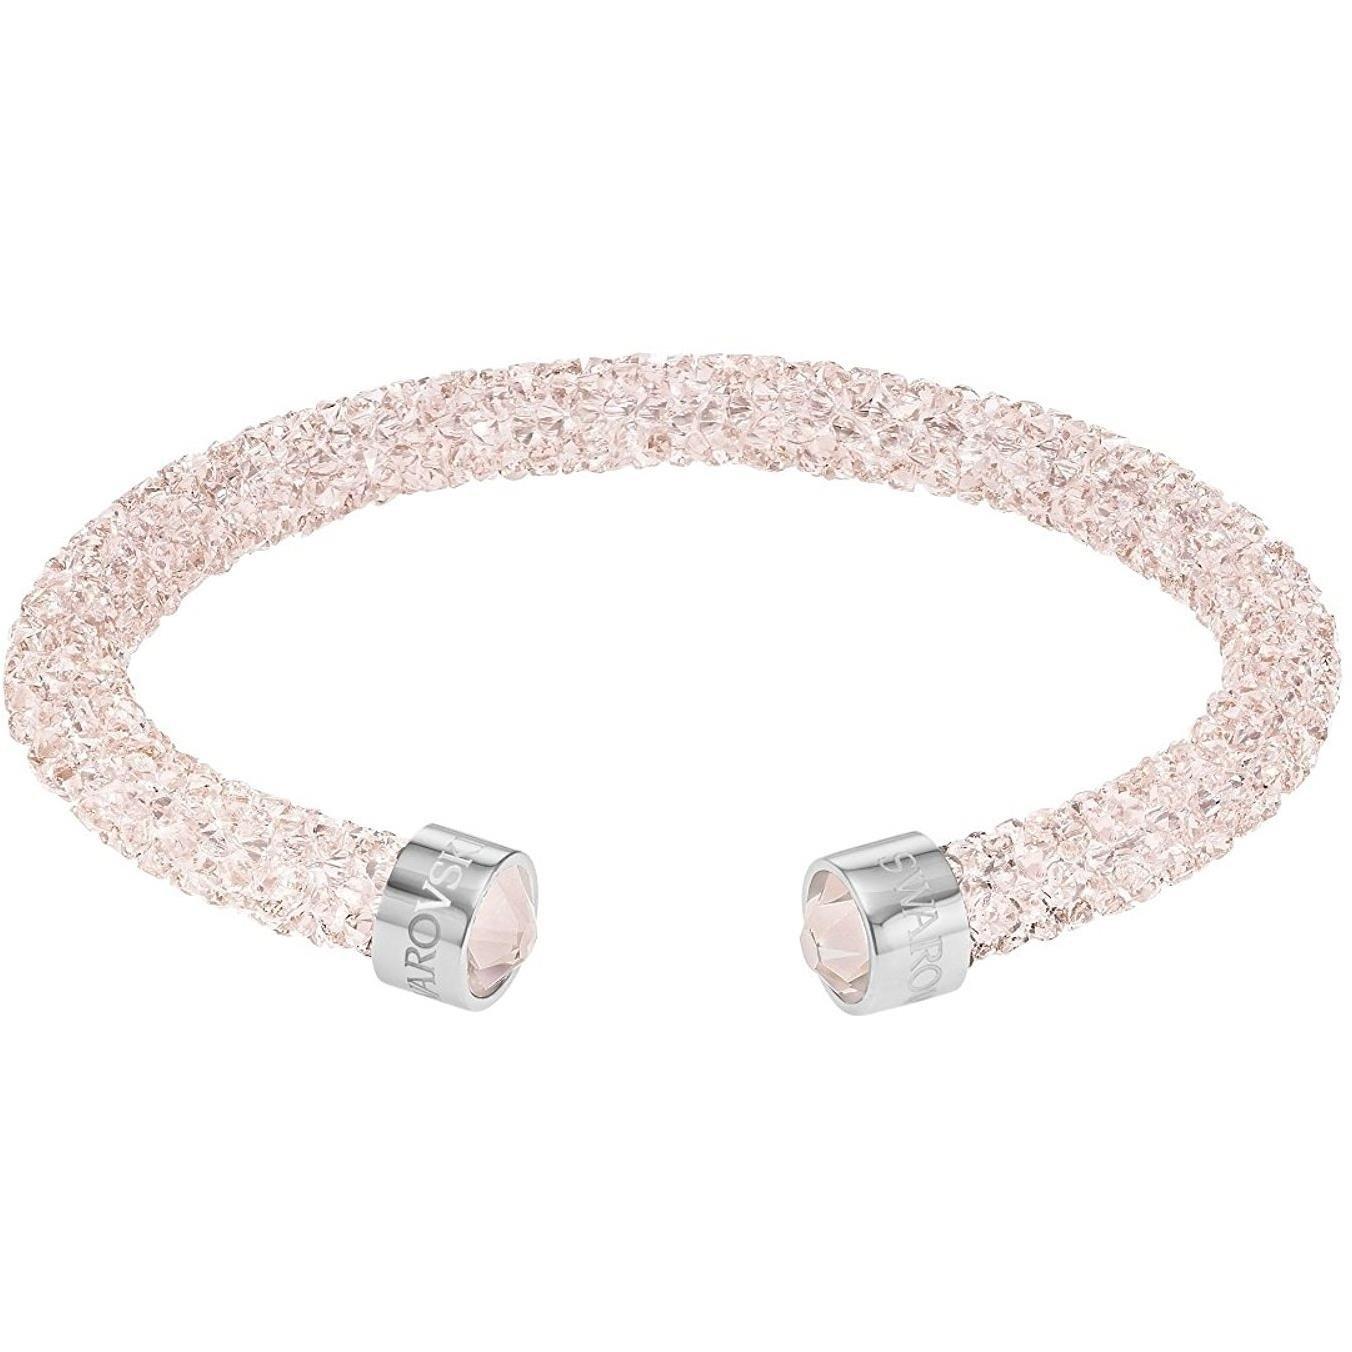 Swarovski Jewelry Crystaldust Cuff, Pink by Swarovski